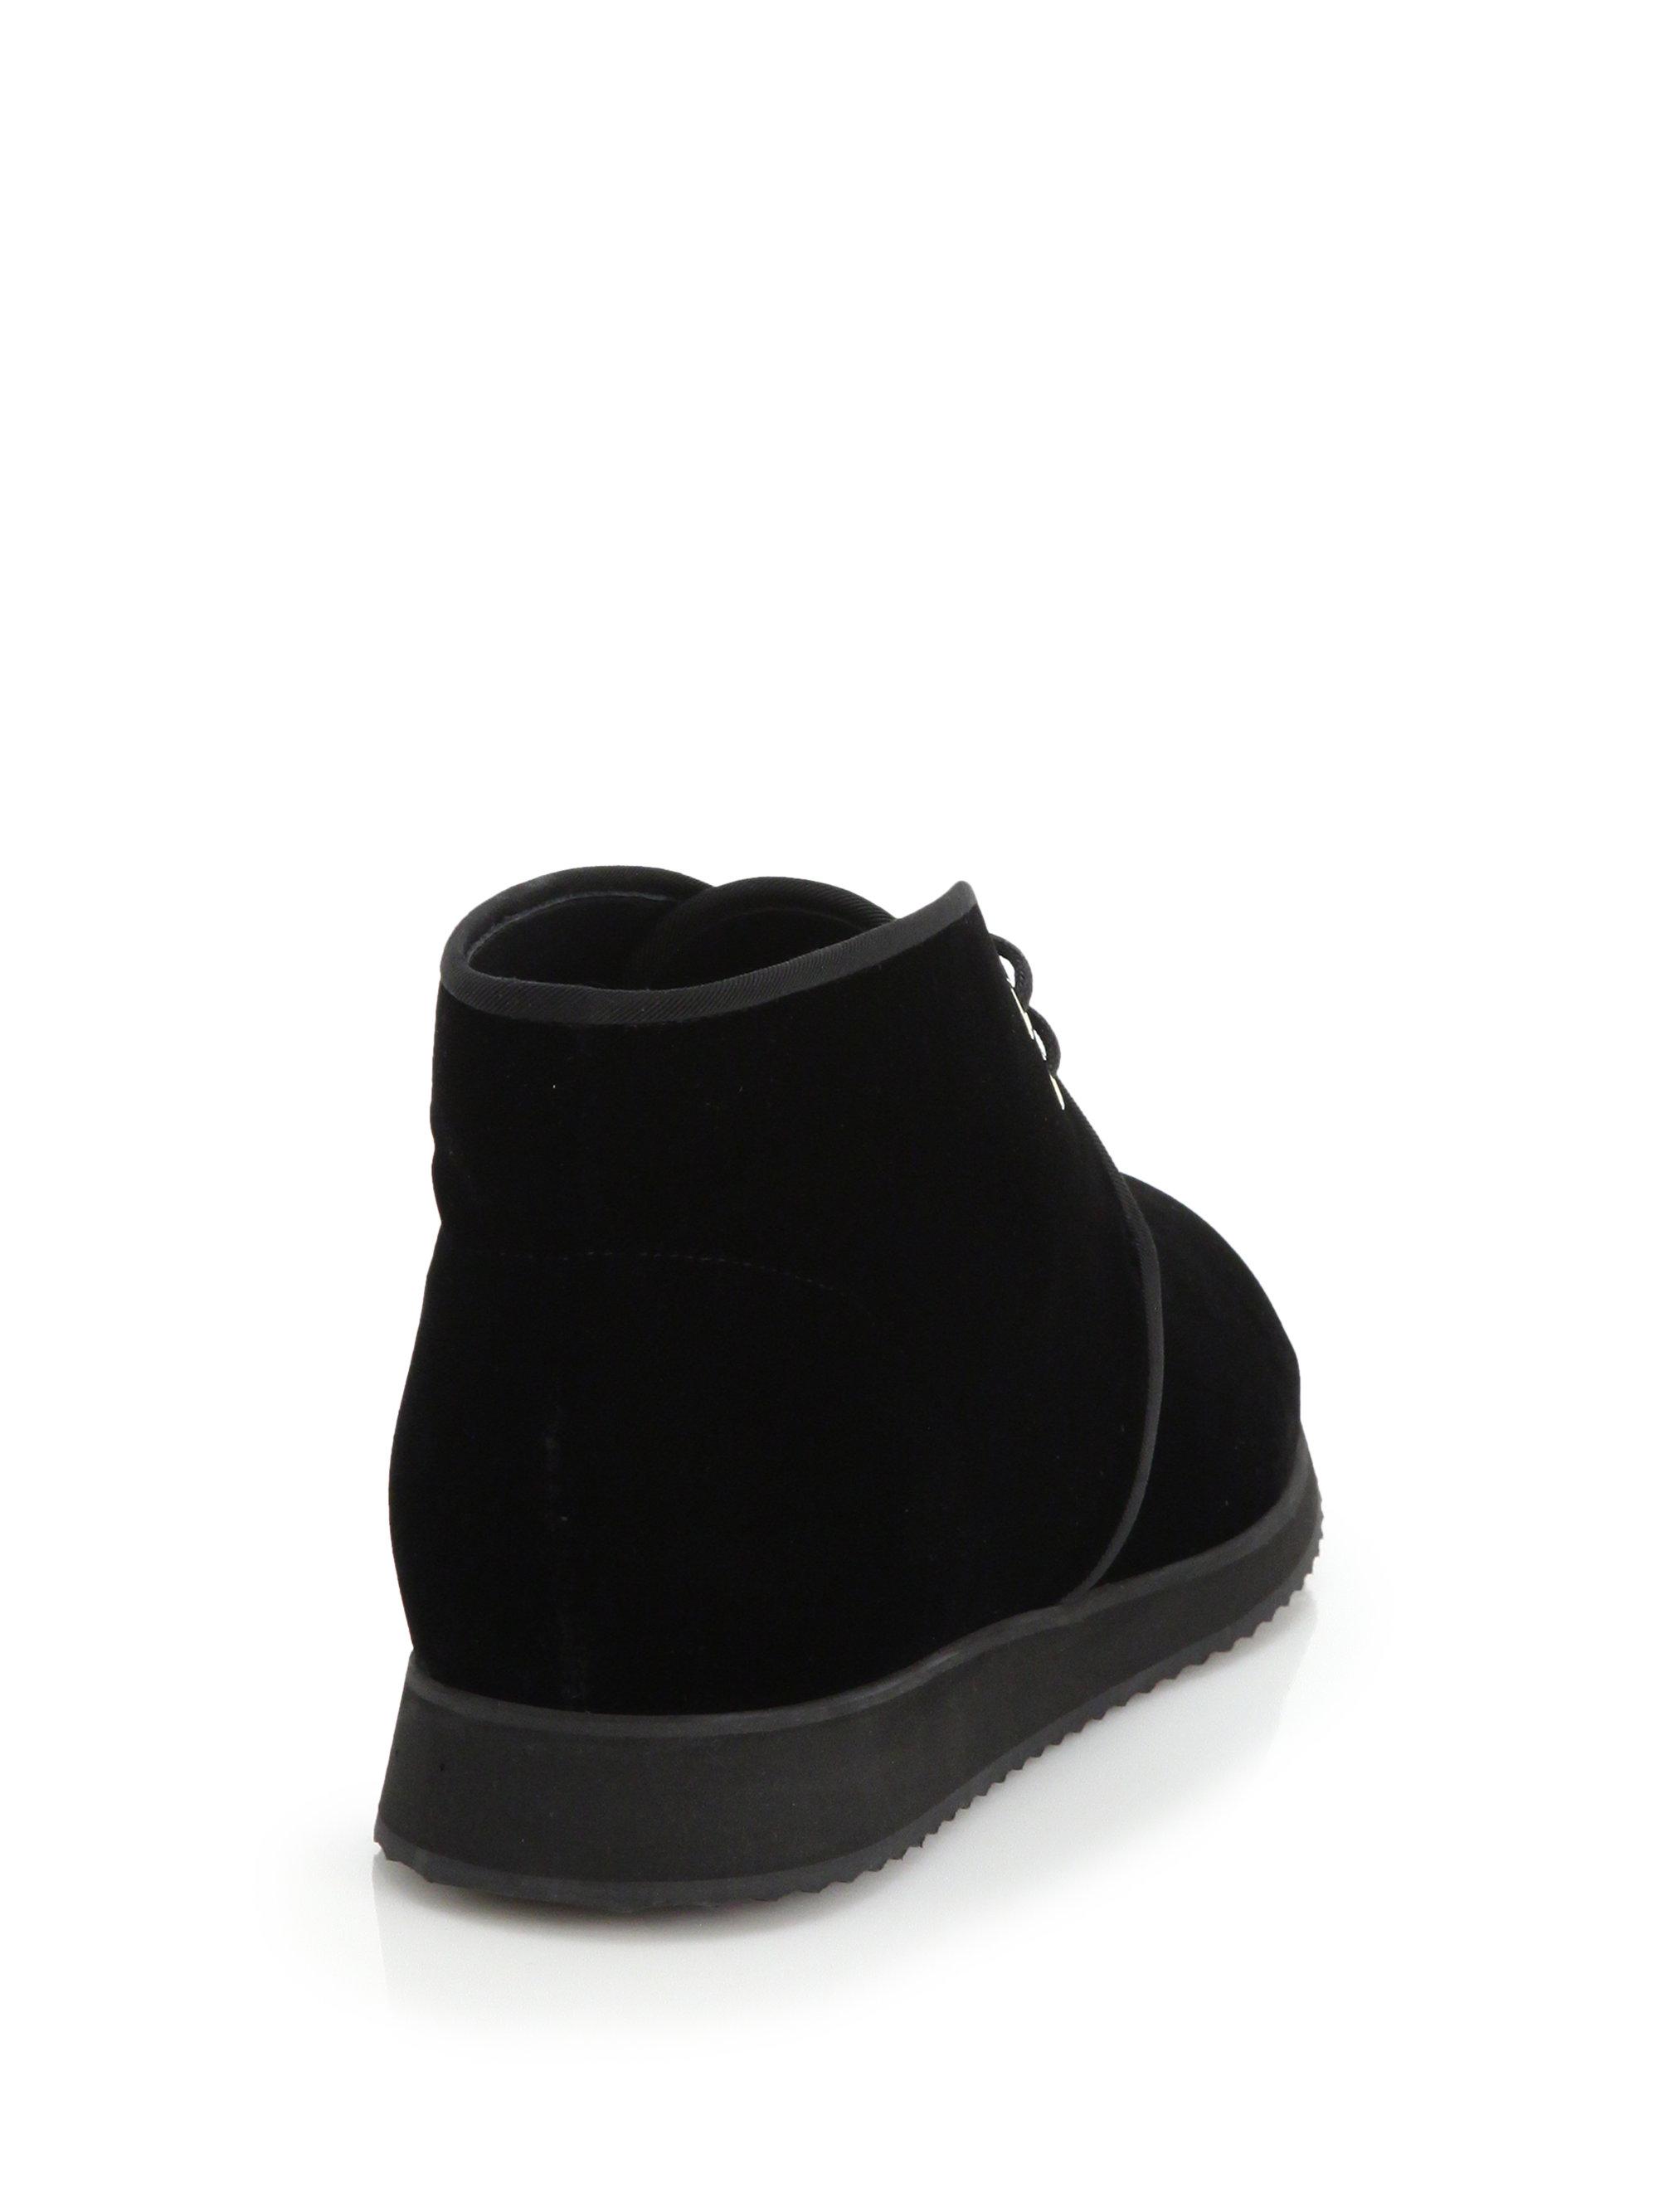 5f38f493eef0d Giuseppe Zanotti Velvet Chukka Boots in Black for Men - Lyst